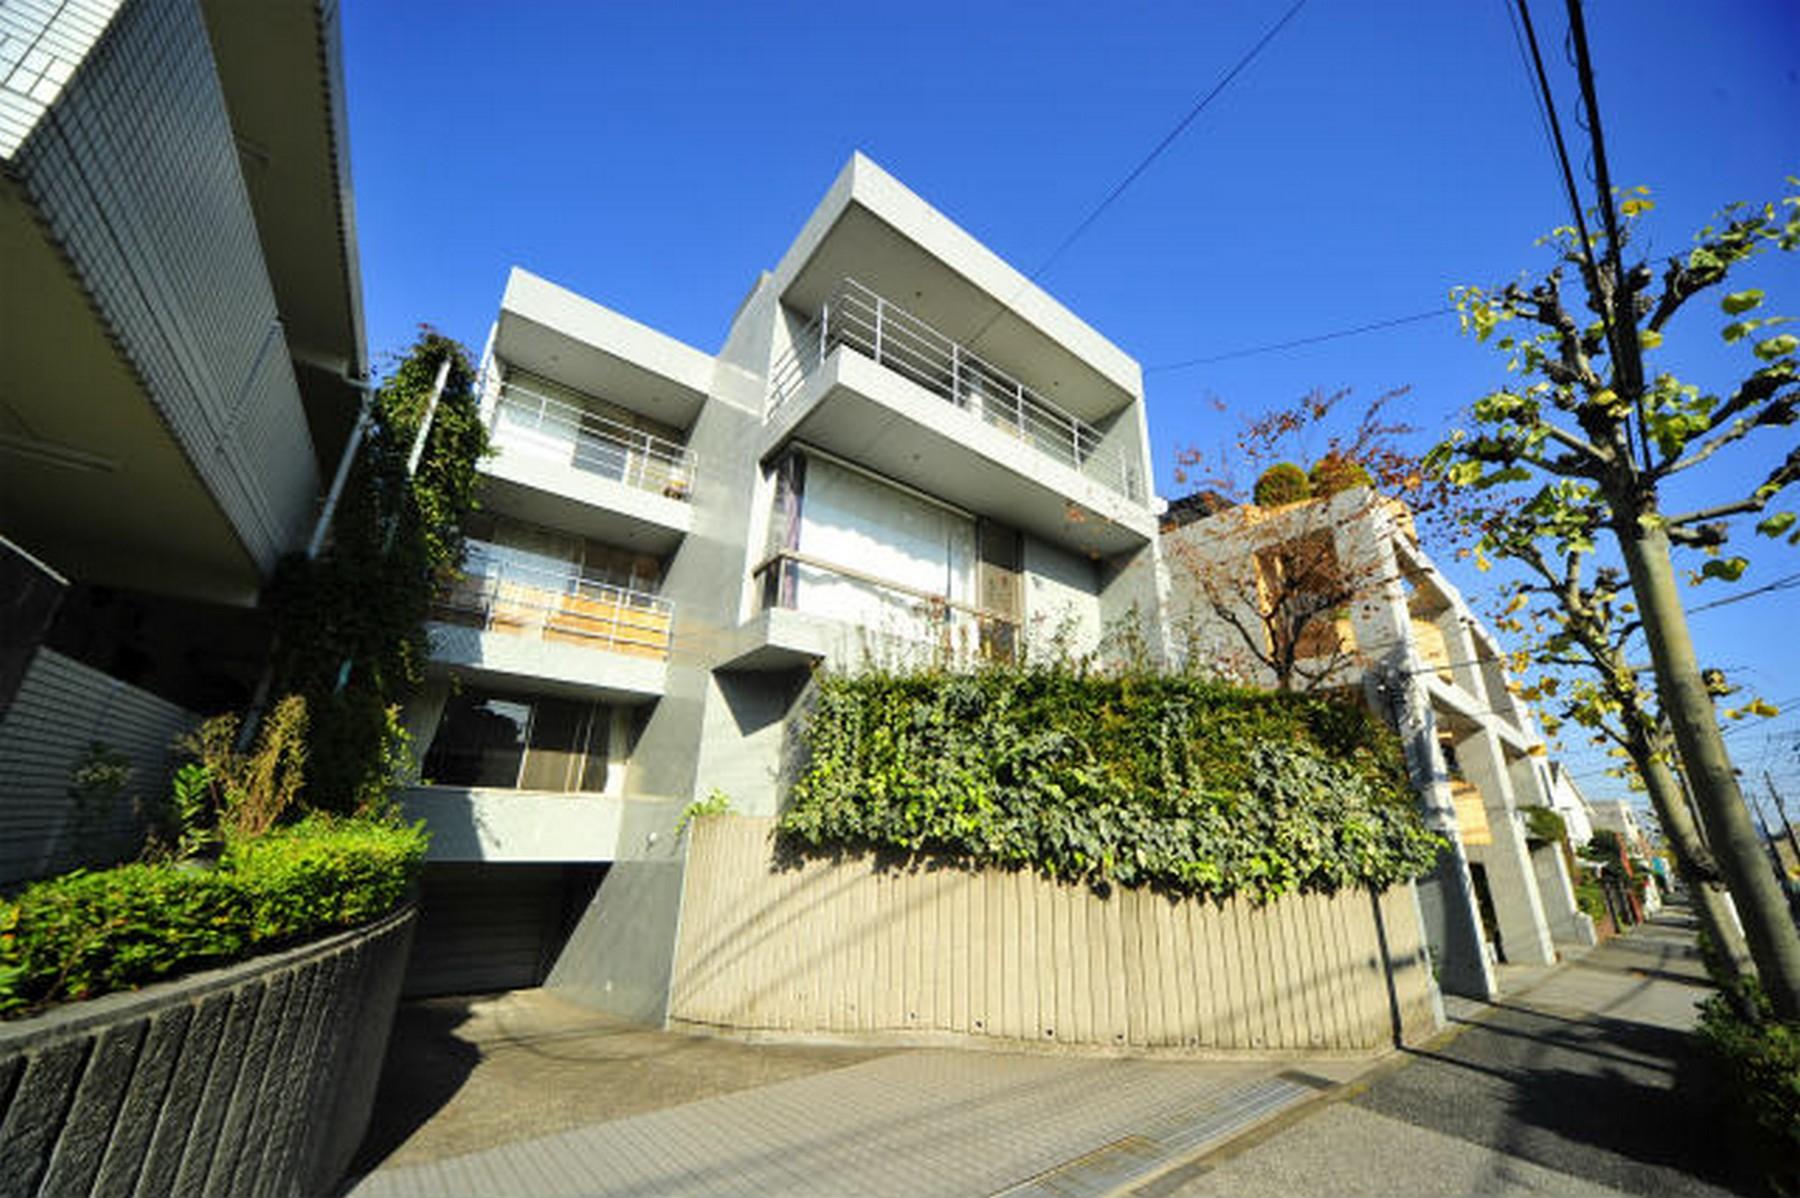 Maison unifamiliale pour l Vente à Raffine 029 Meguro, Meguro-Ku, Tokyo Japon